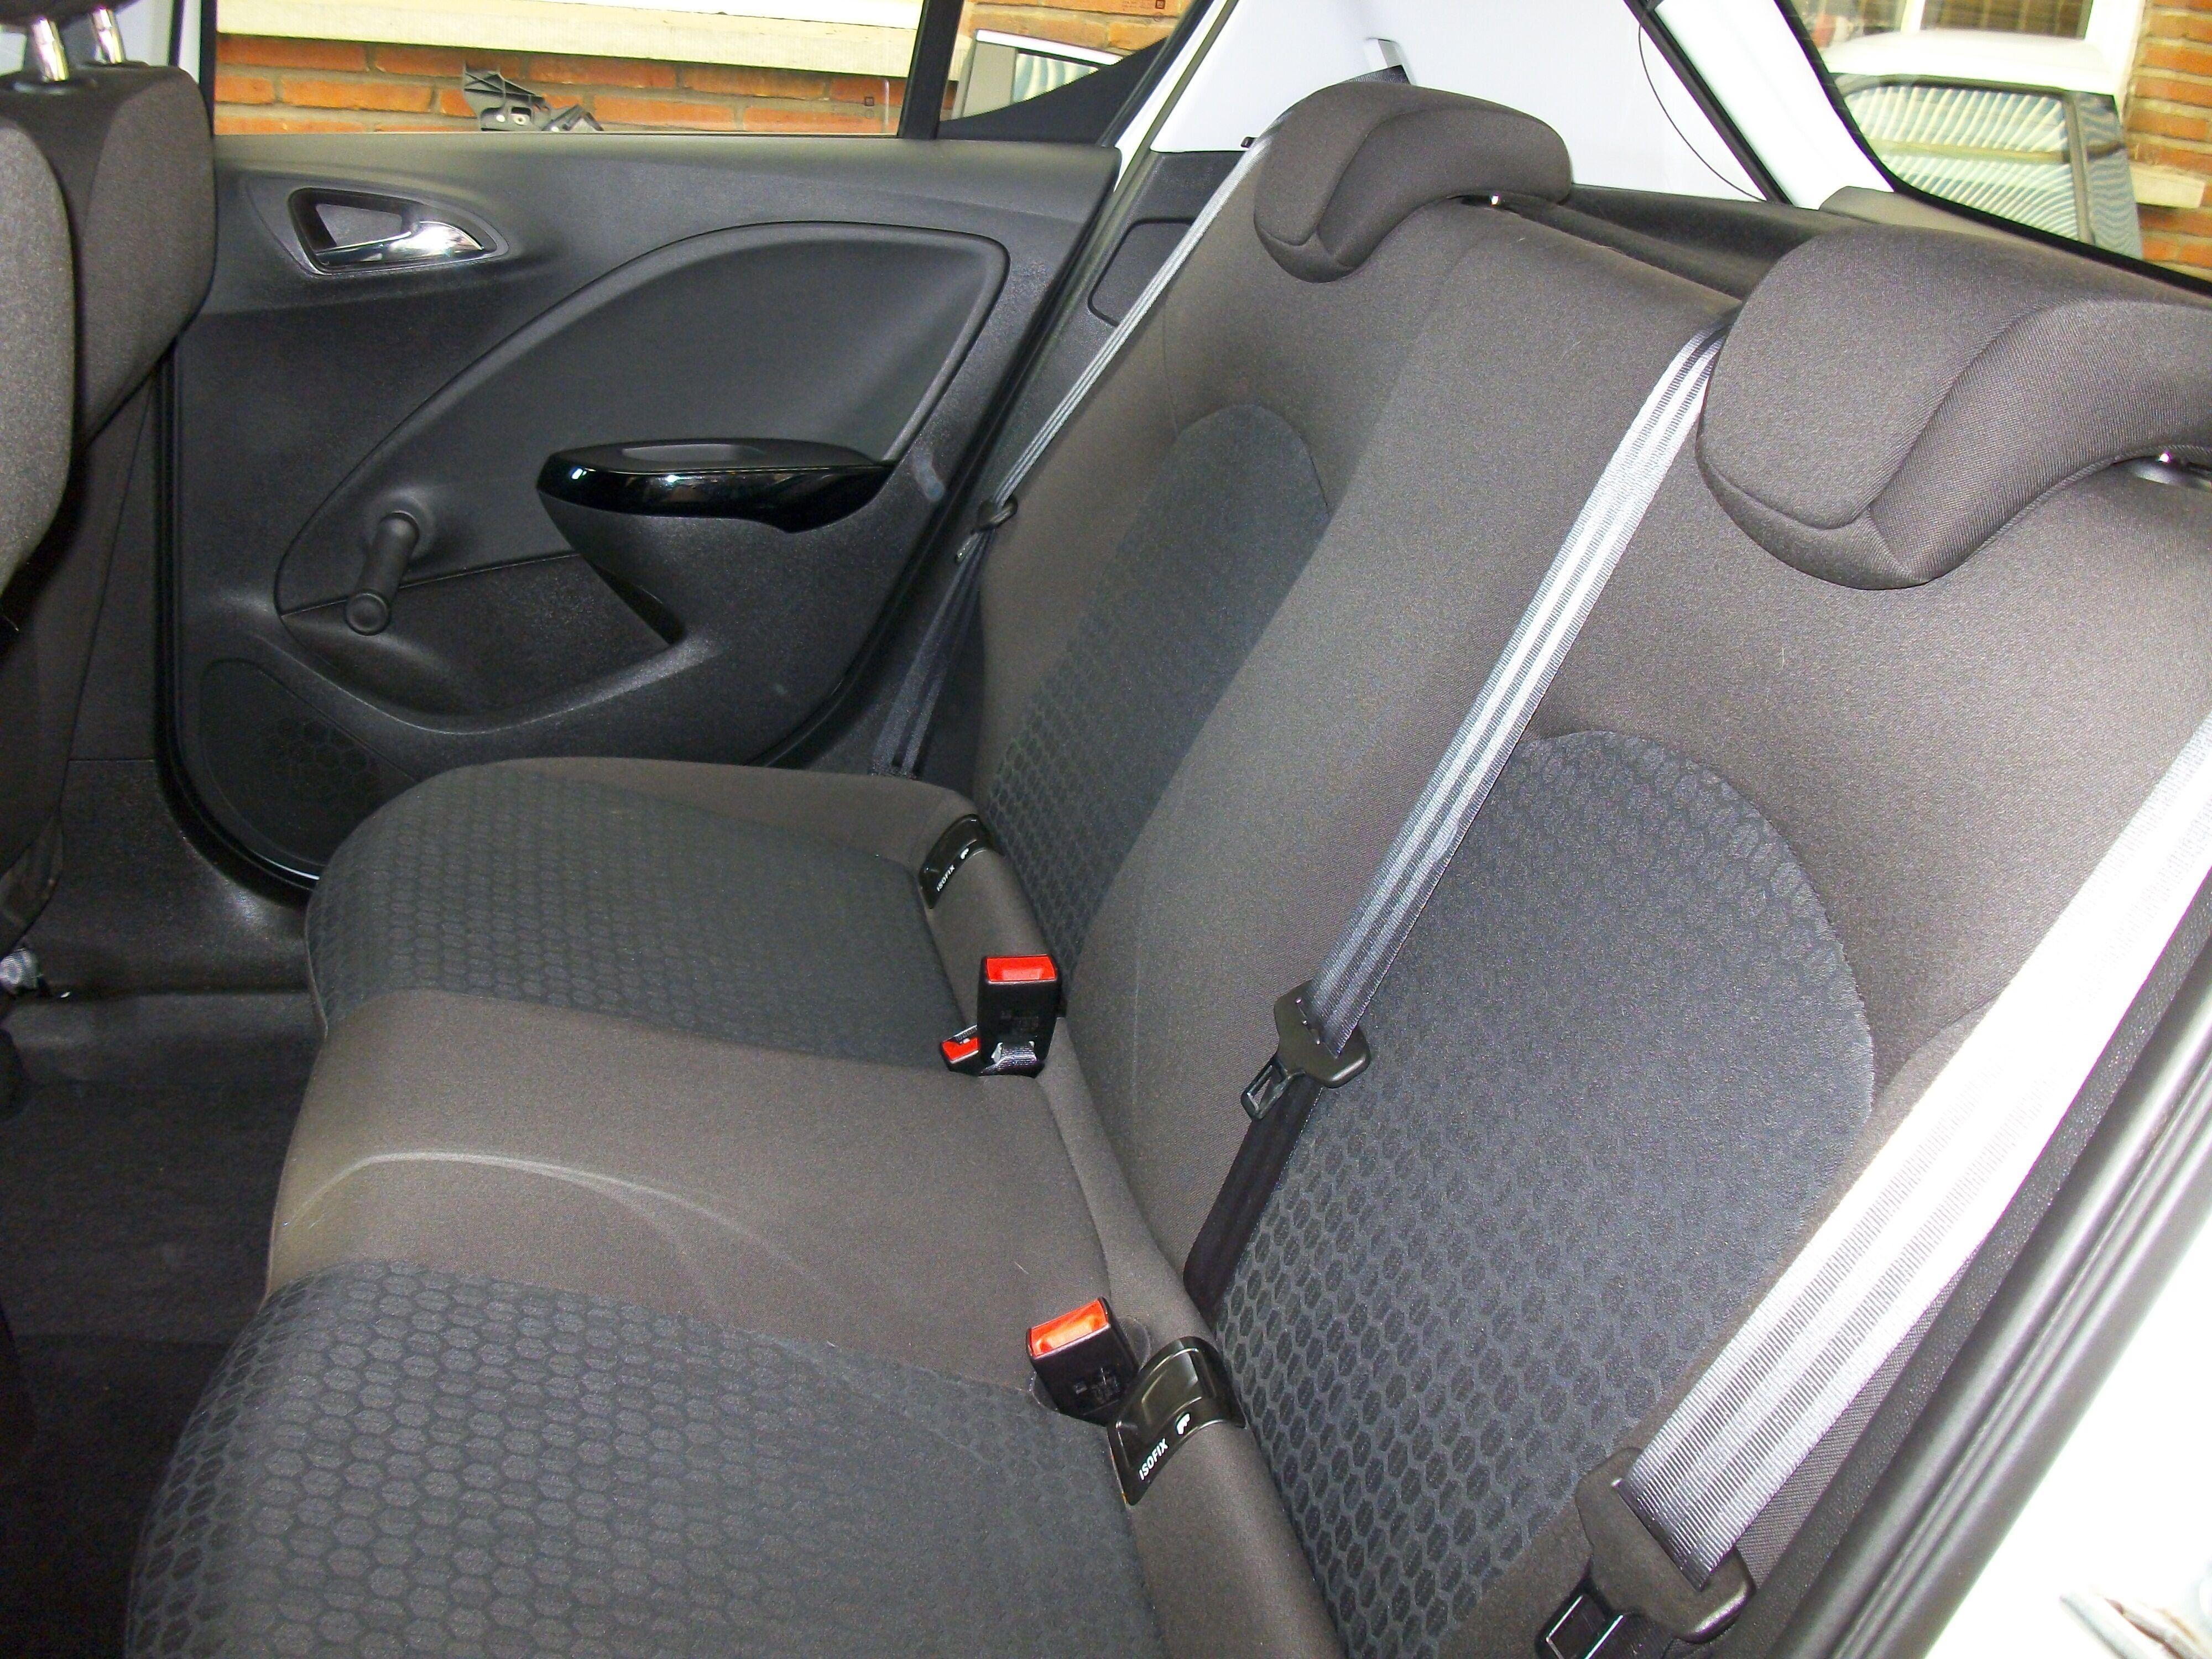 Opel Corsa CORSA E 1.2 Benz. - 5 deur 11/15